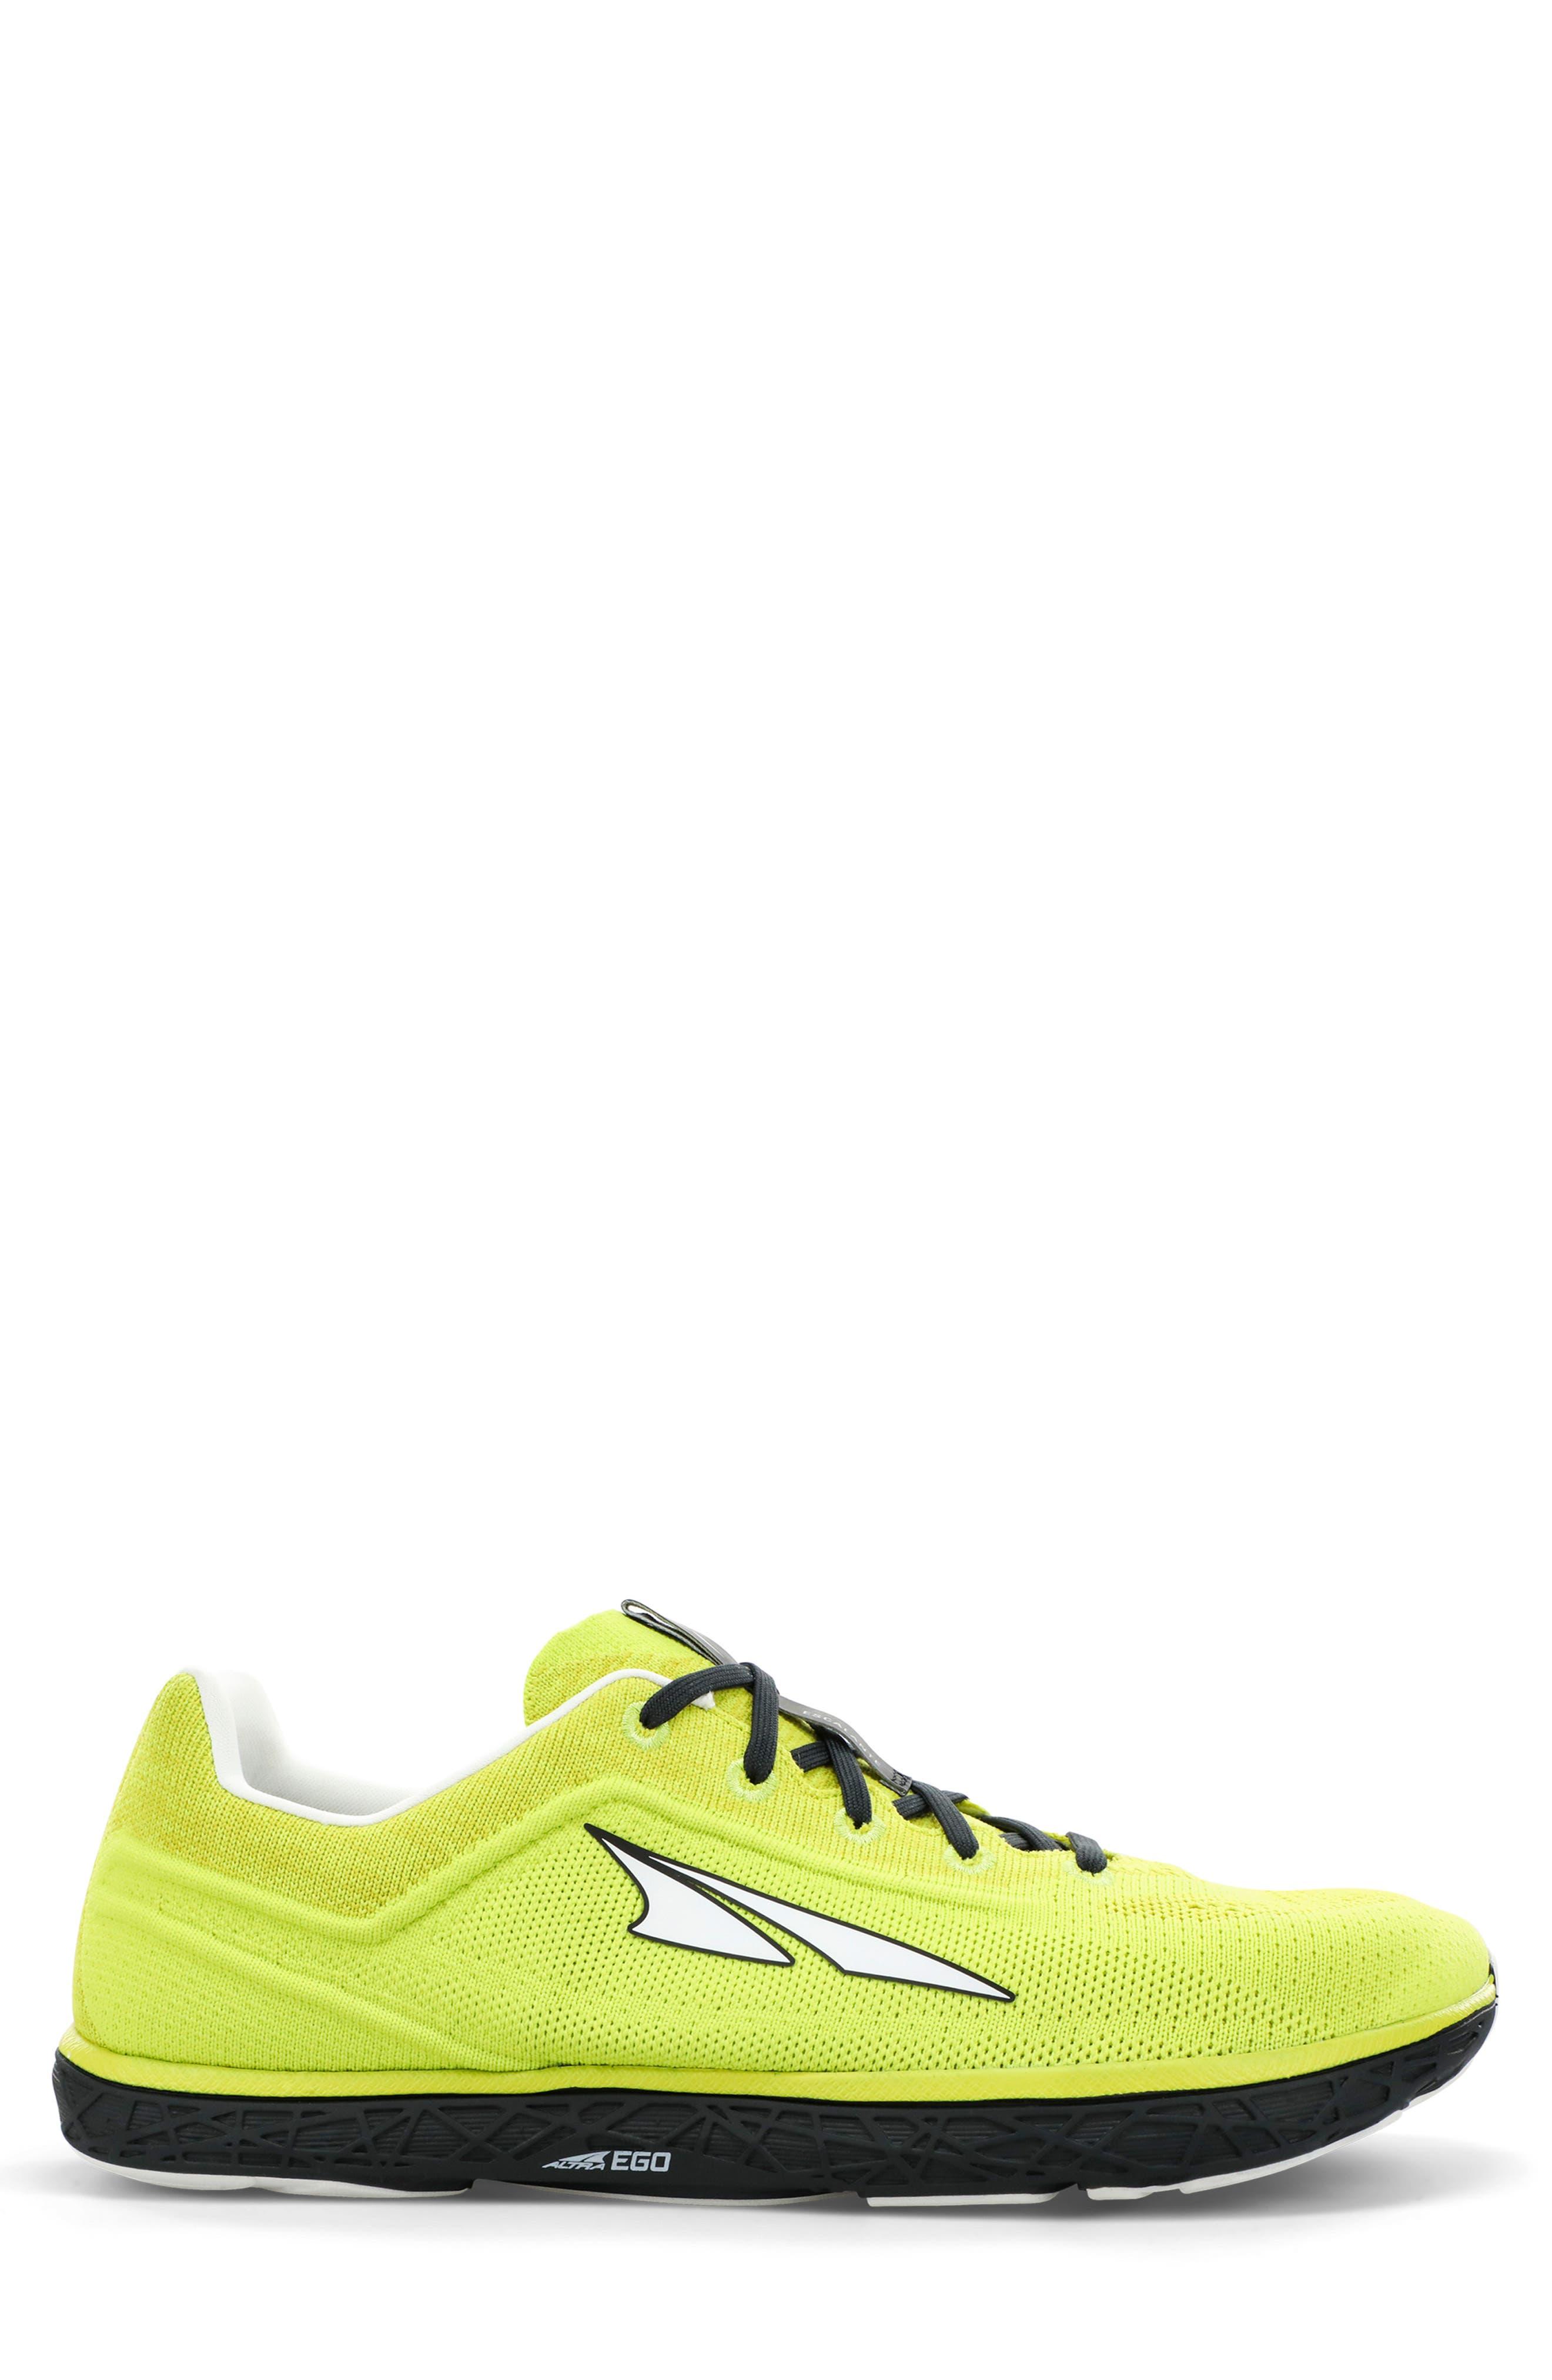 Escalante 2.5 Running Shoe